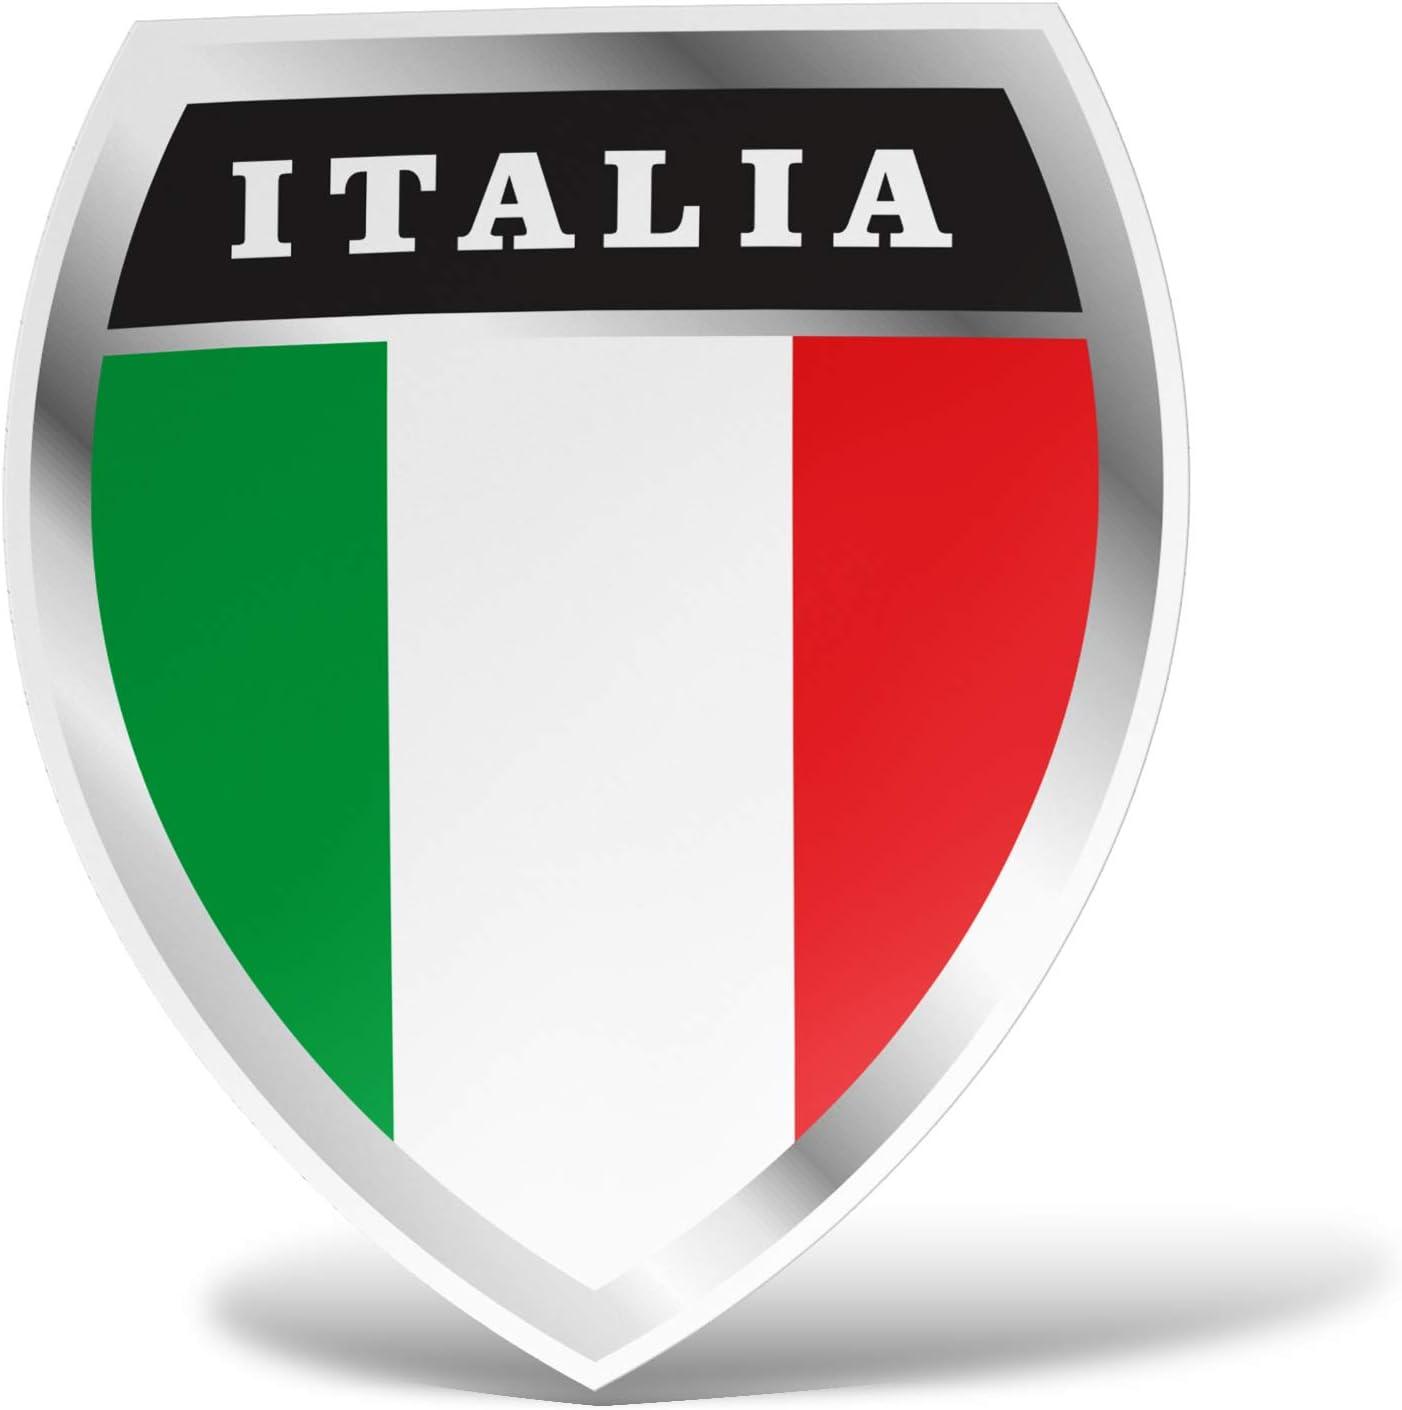 cm 12 erreinge Sticker Pitbull Argento Adesivo prespaziato in PVC per Decalcomania Parete Murale Auto Moto Casco Camper Laptop